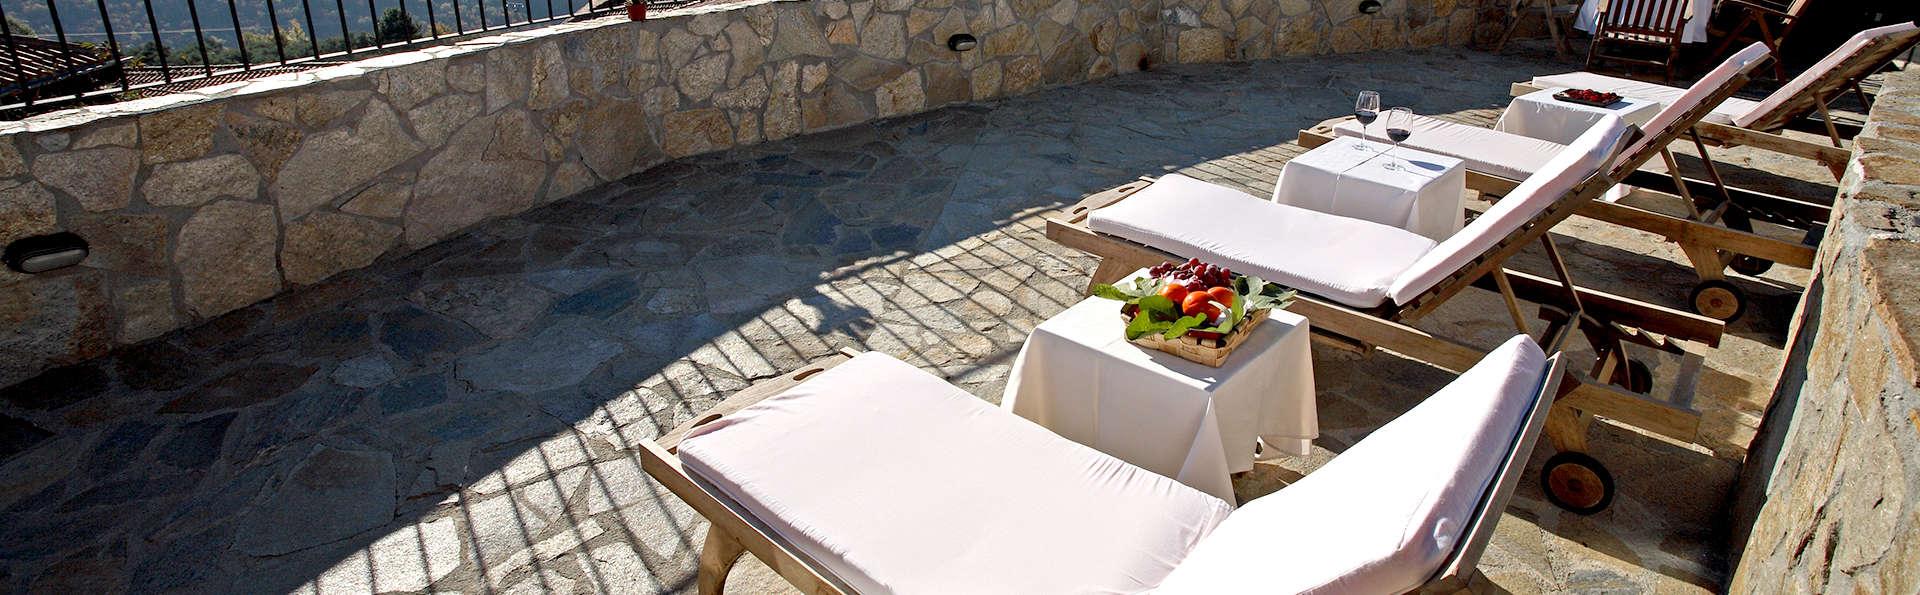 Escapada total relax con cena gastro y acceso al spa en uno de los pueblos con más encanto de España